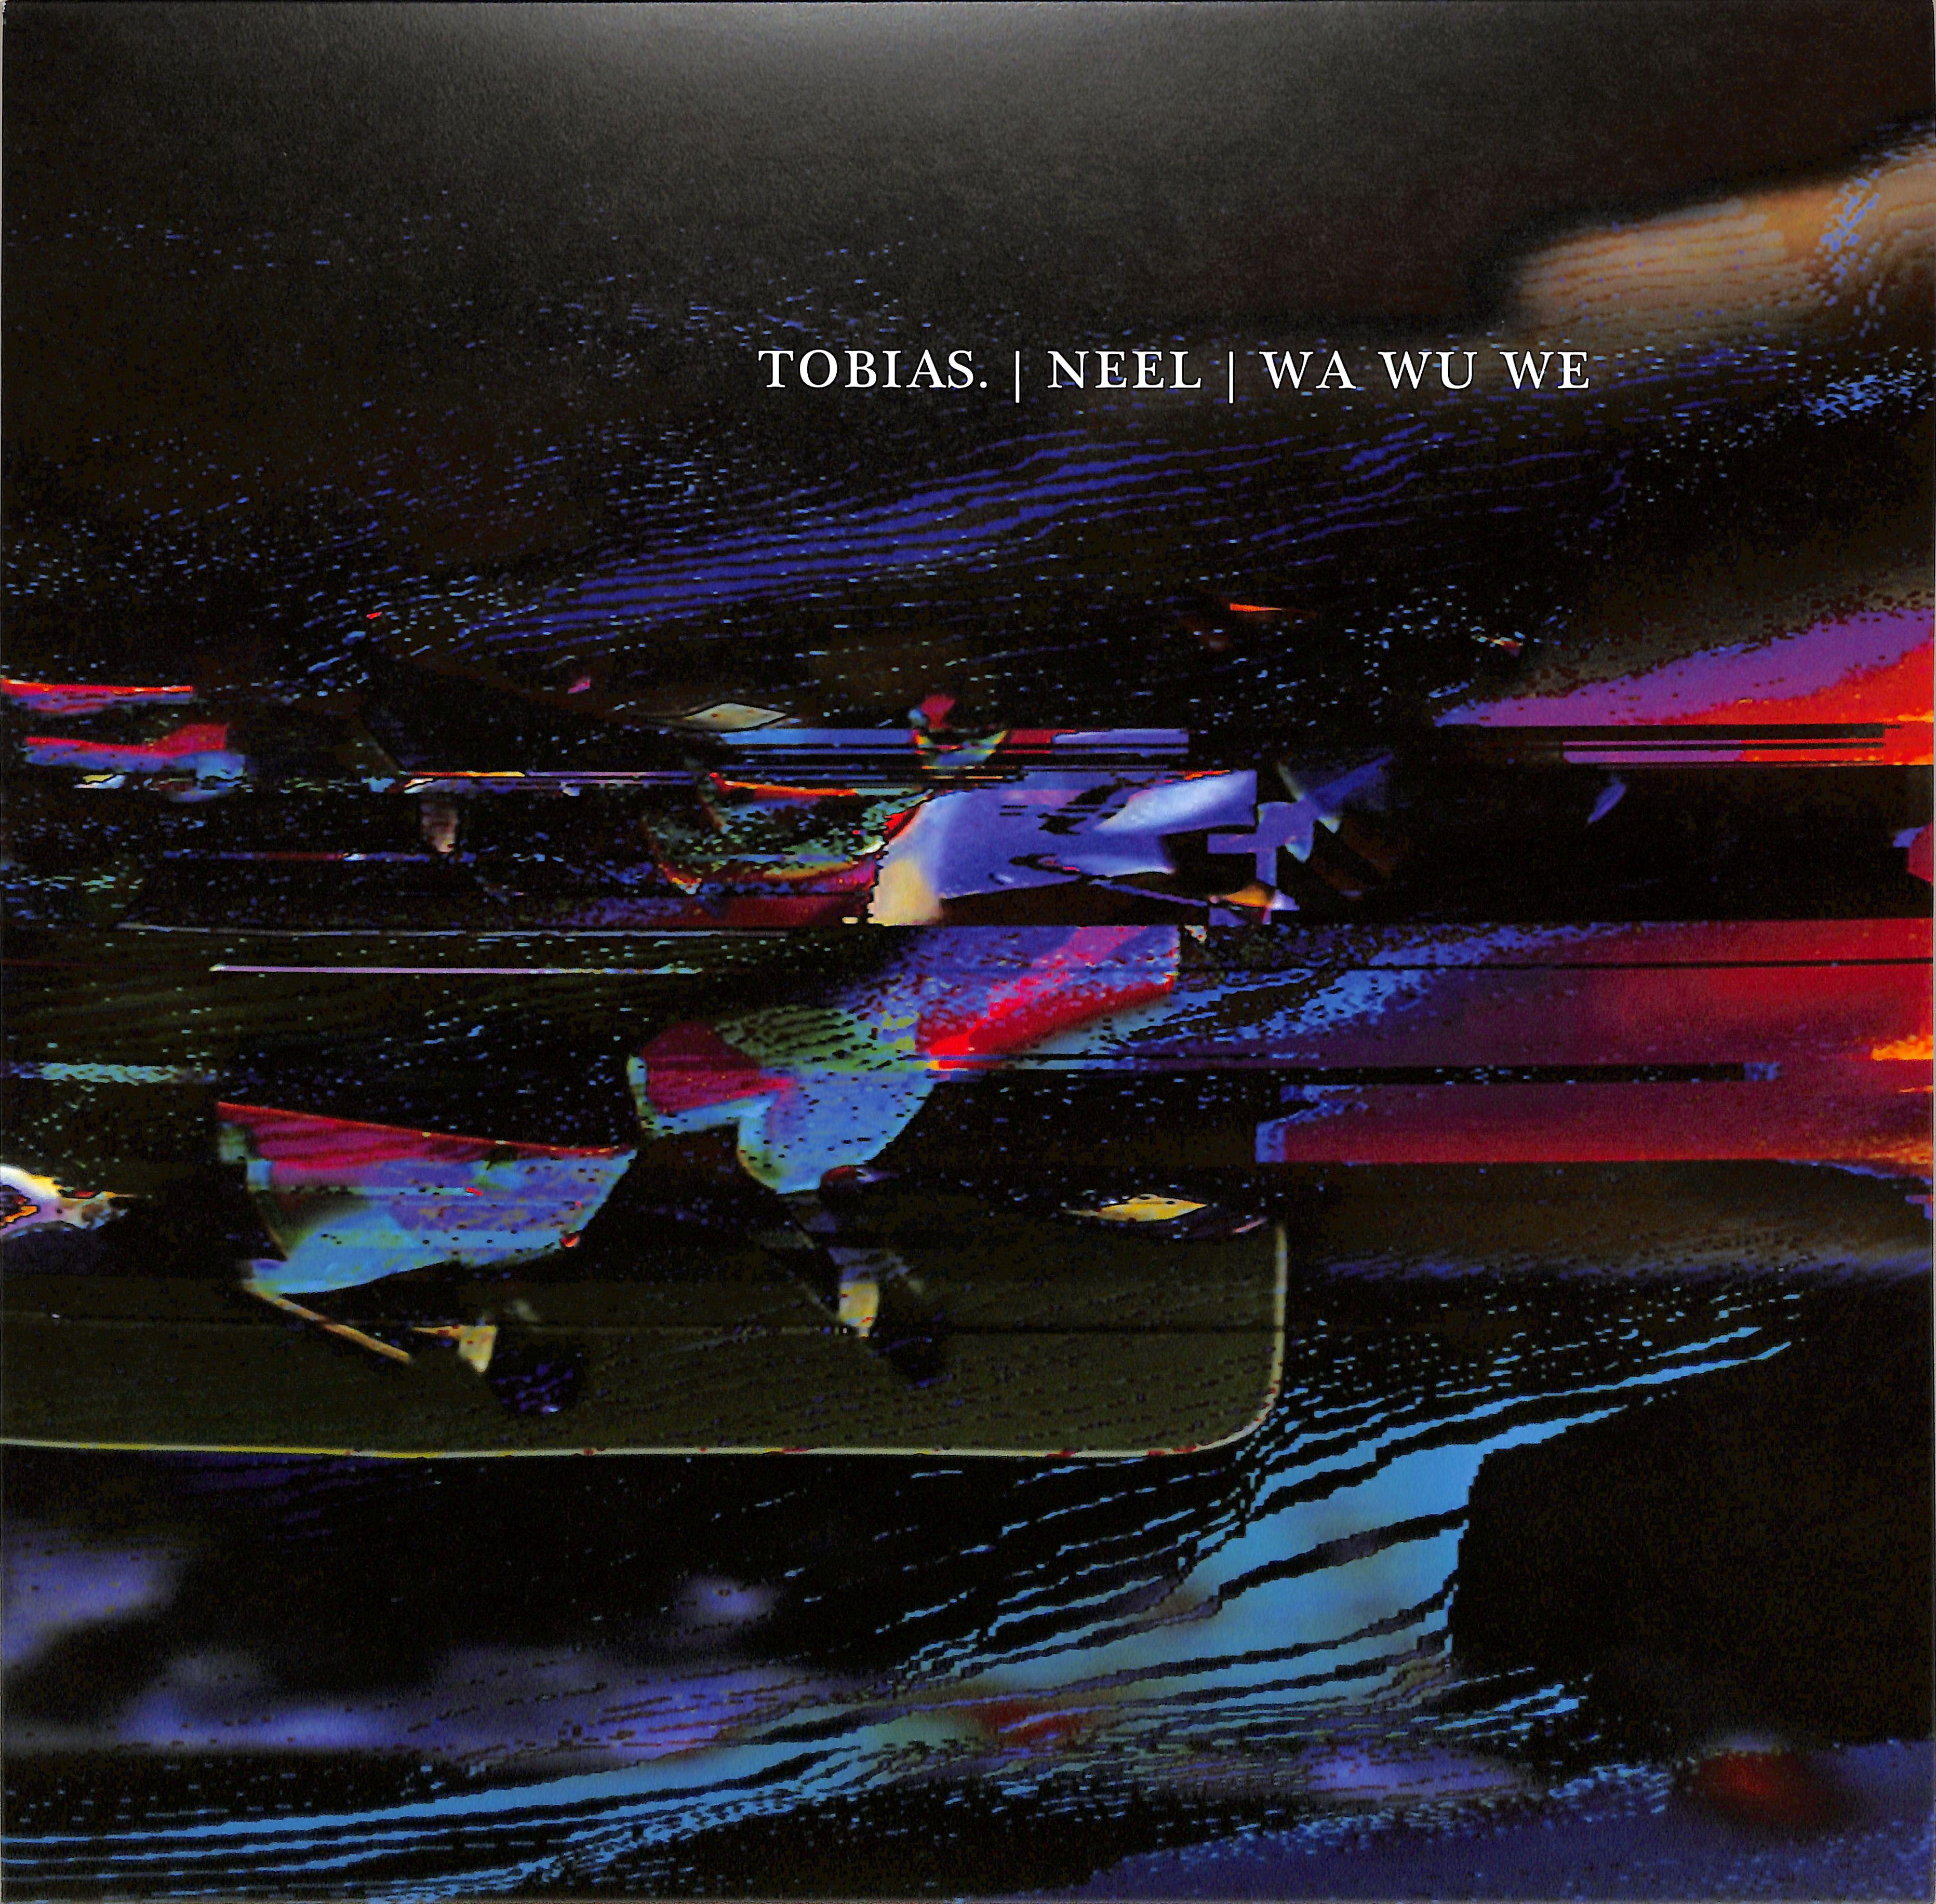 Tobias. / Neel / Wa Wu We - KONSTRUKT 012